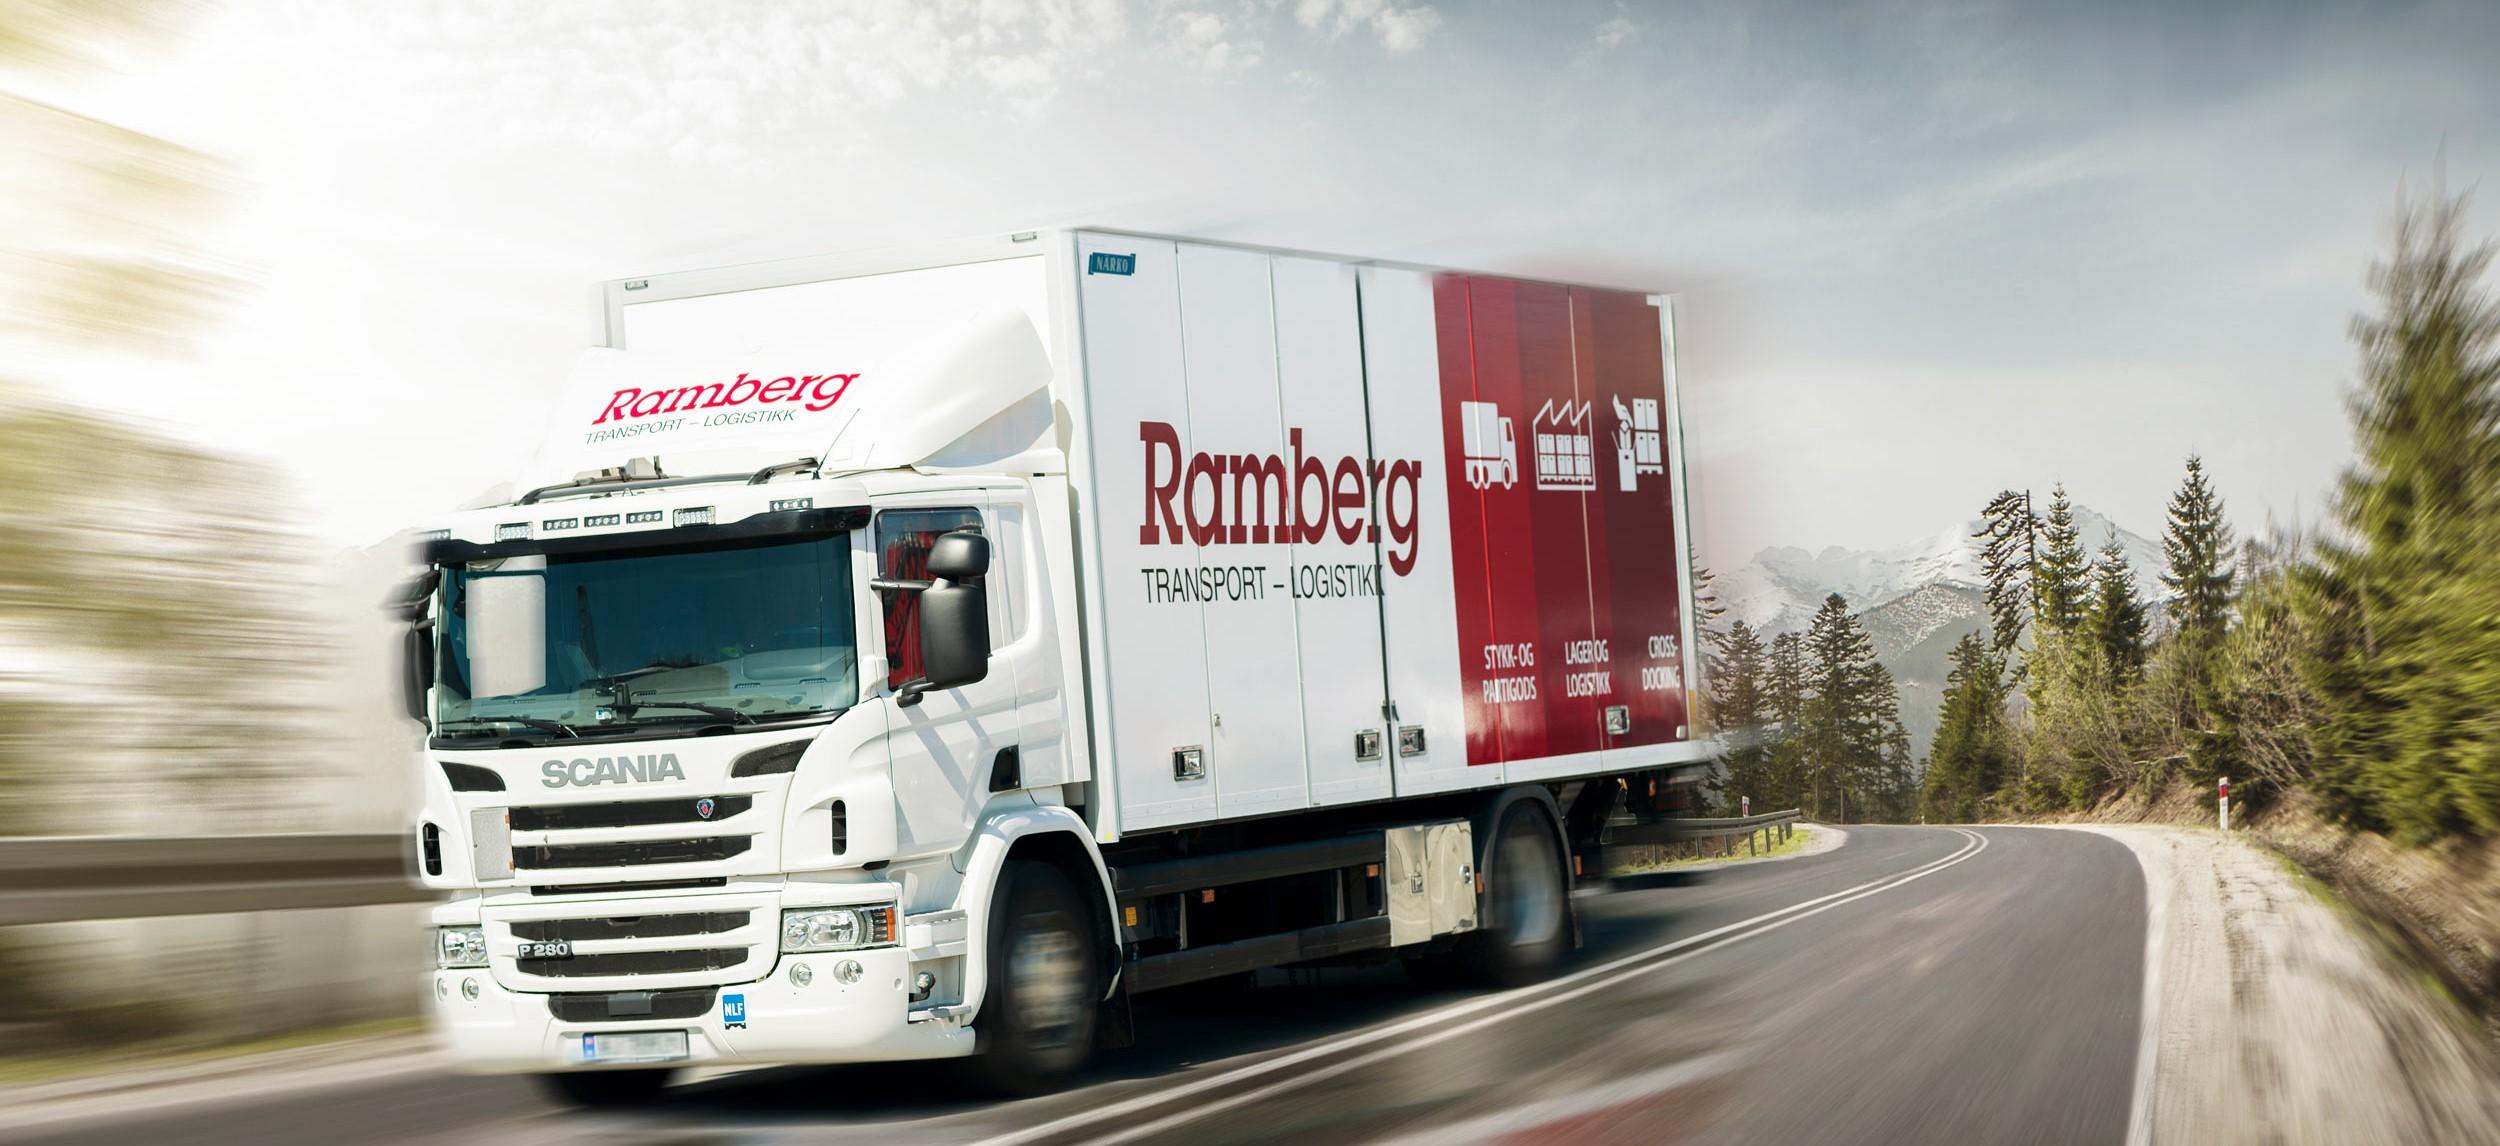 Transport & logistikk løsninger til næringslivet - 3PL, varehotell, cross-dock, Drammen, Skedsmo, Langhus